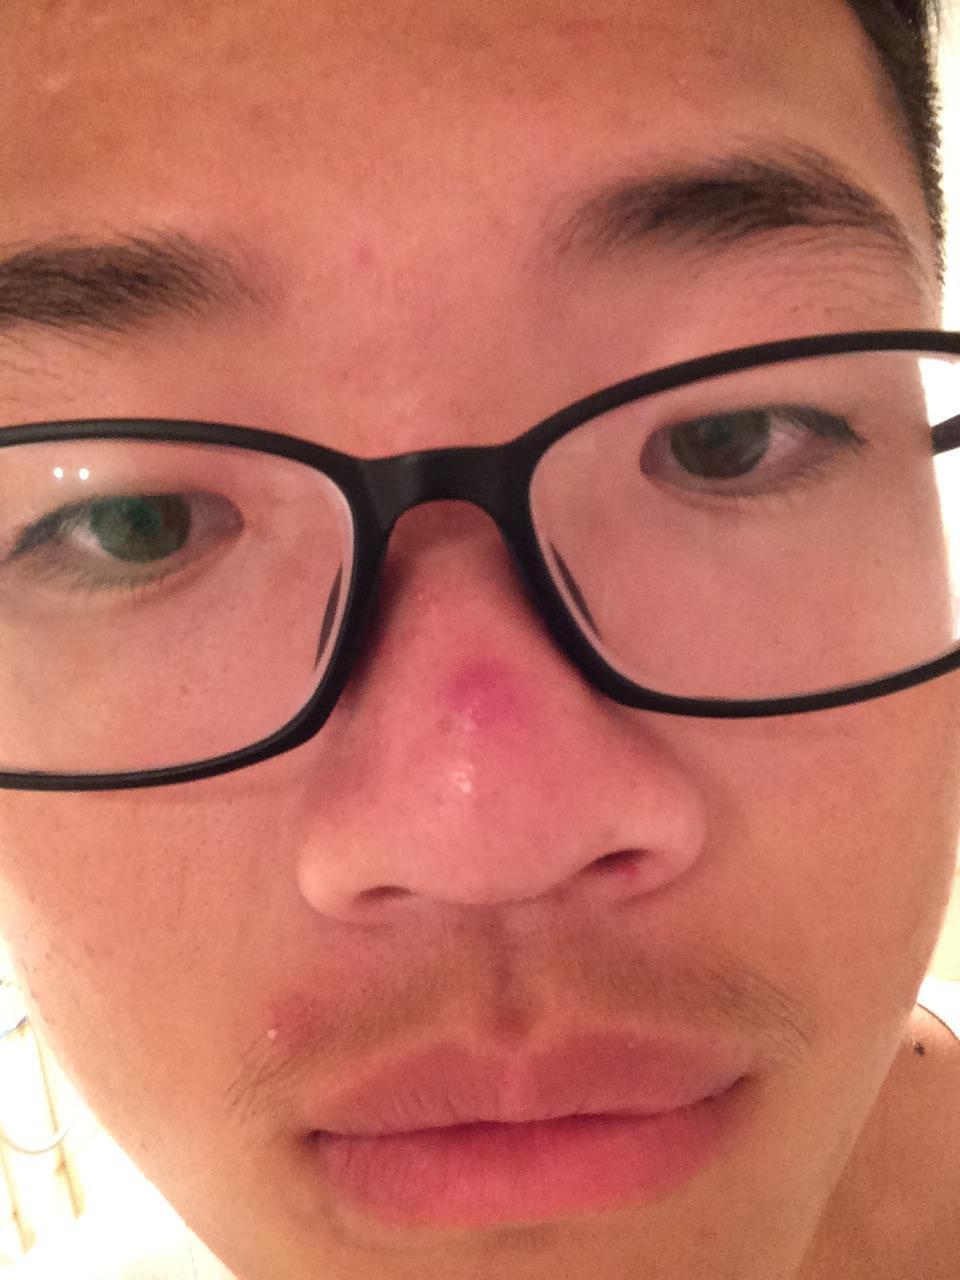 鼻子长红包硬痛